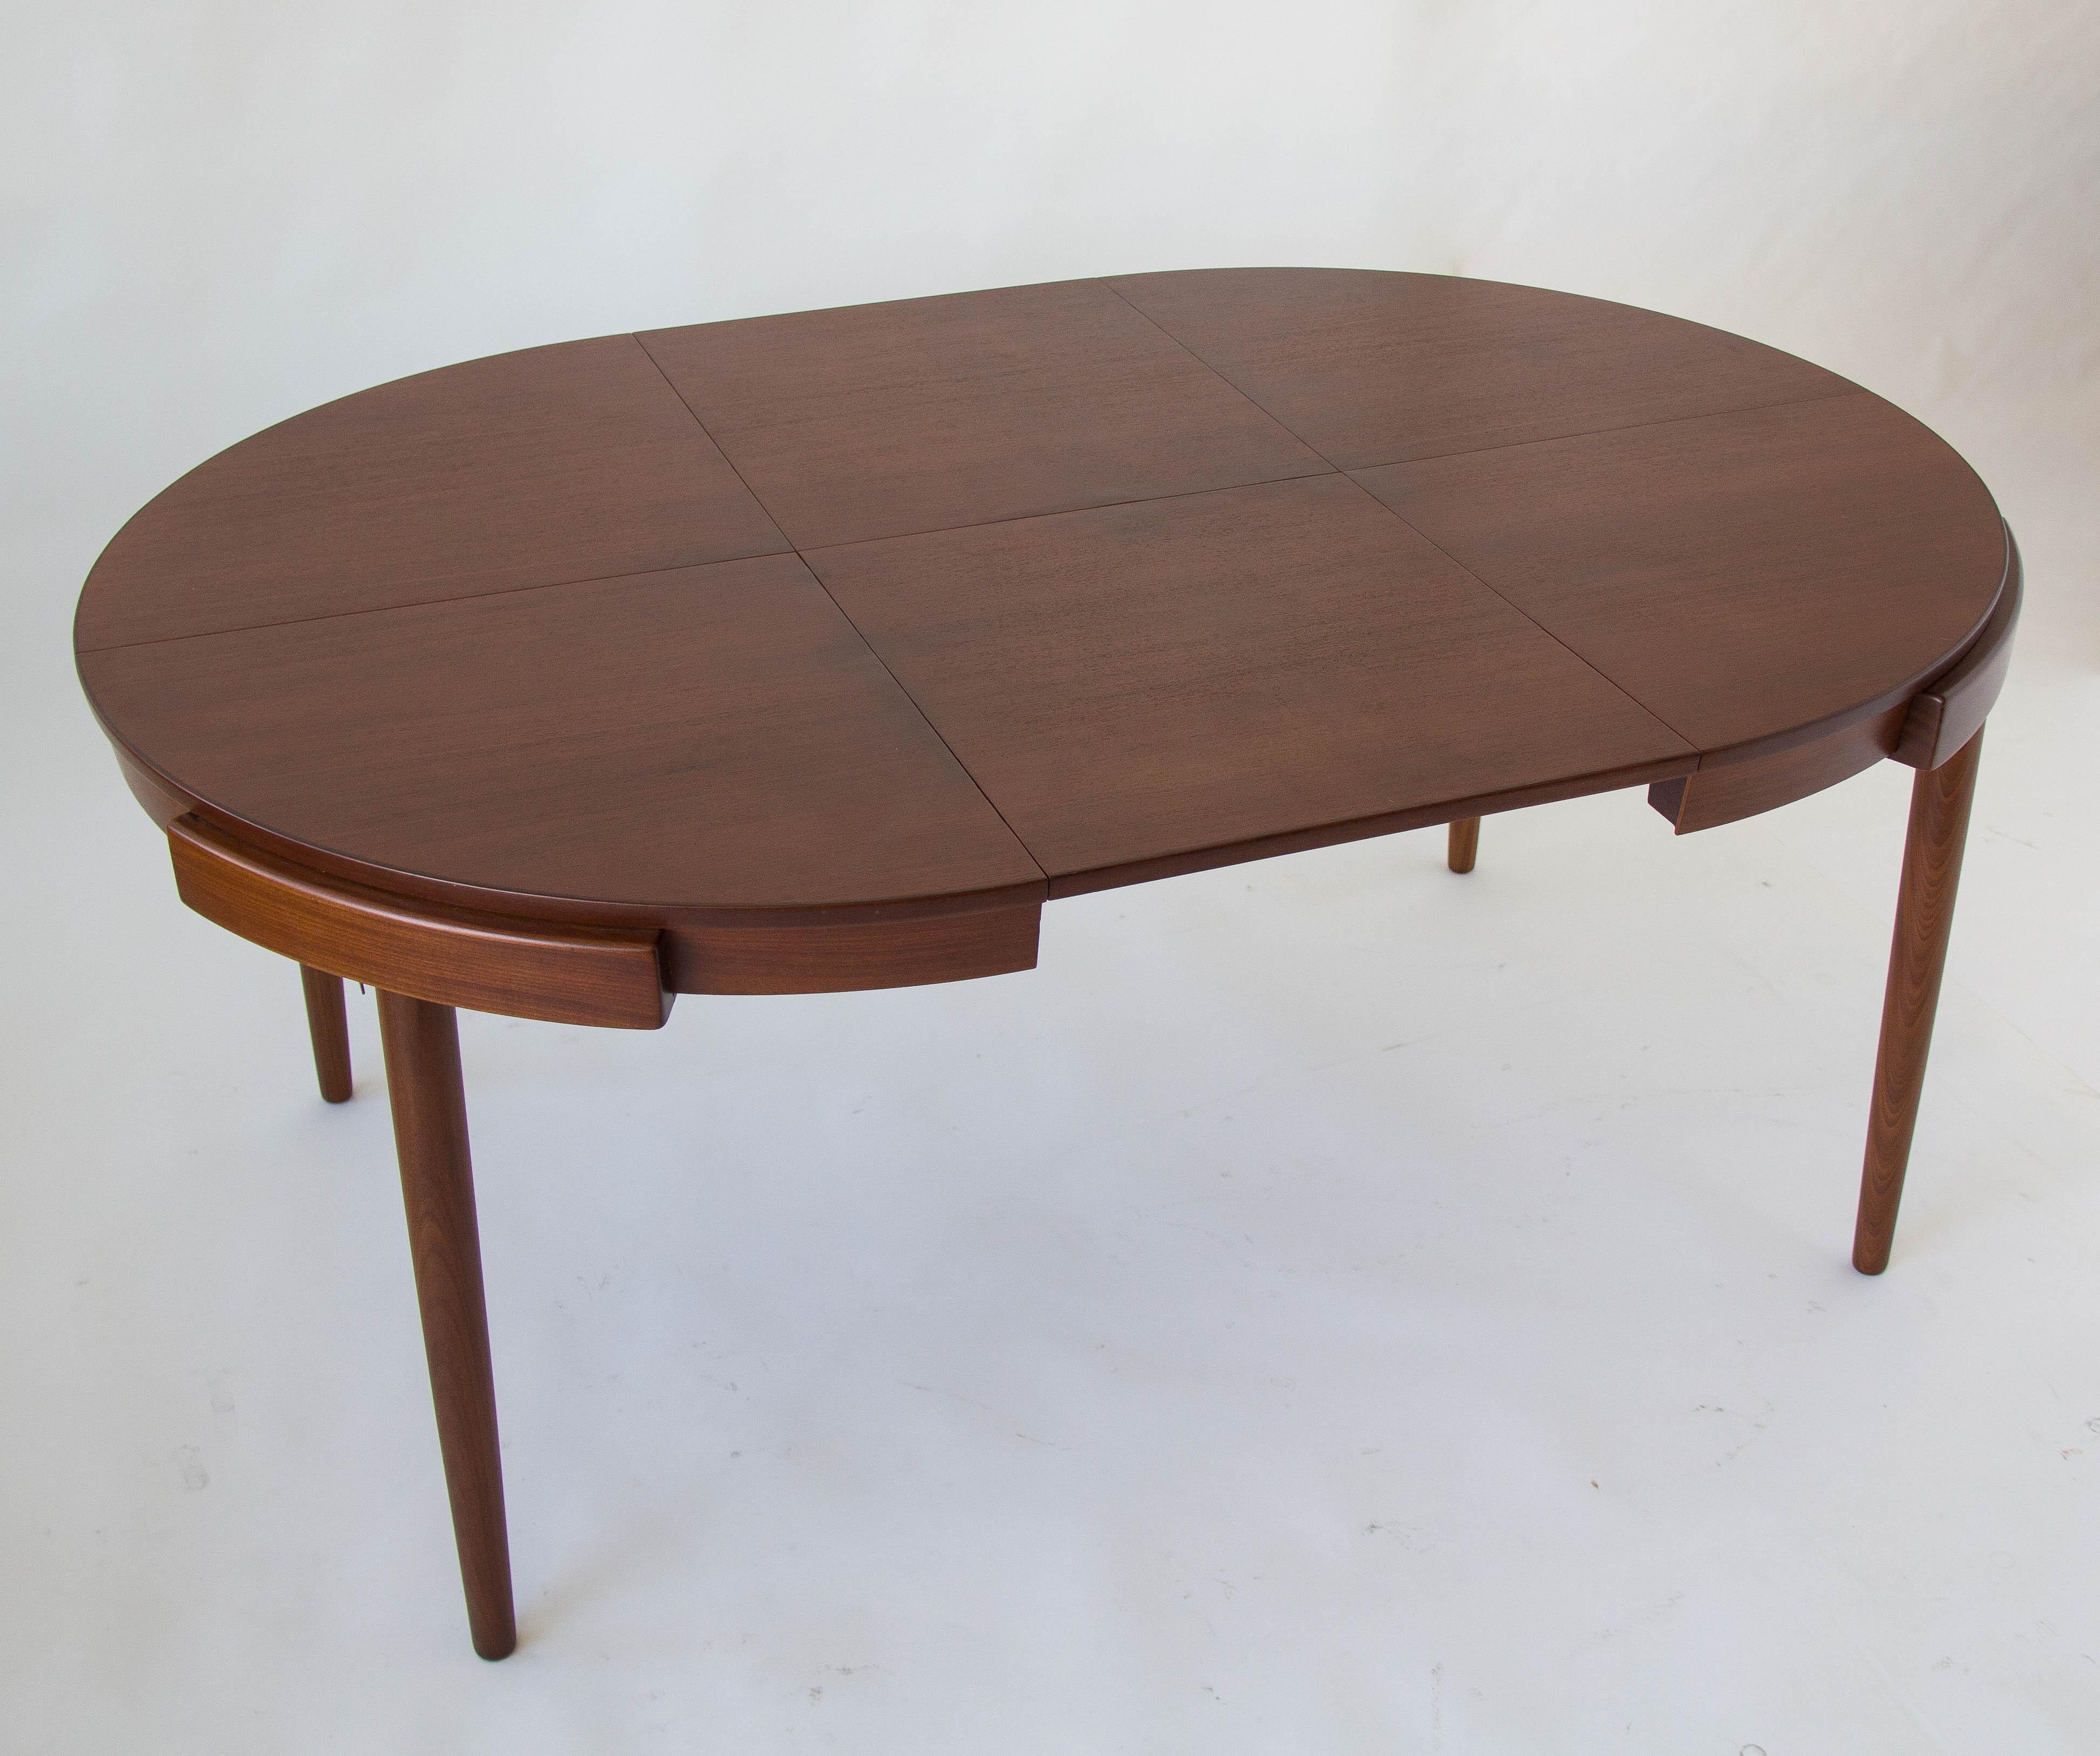 Awesome Frem Rojle Eight Seat Dining Set By Hans Olsen For Frem Rojle For Sale